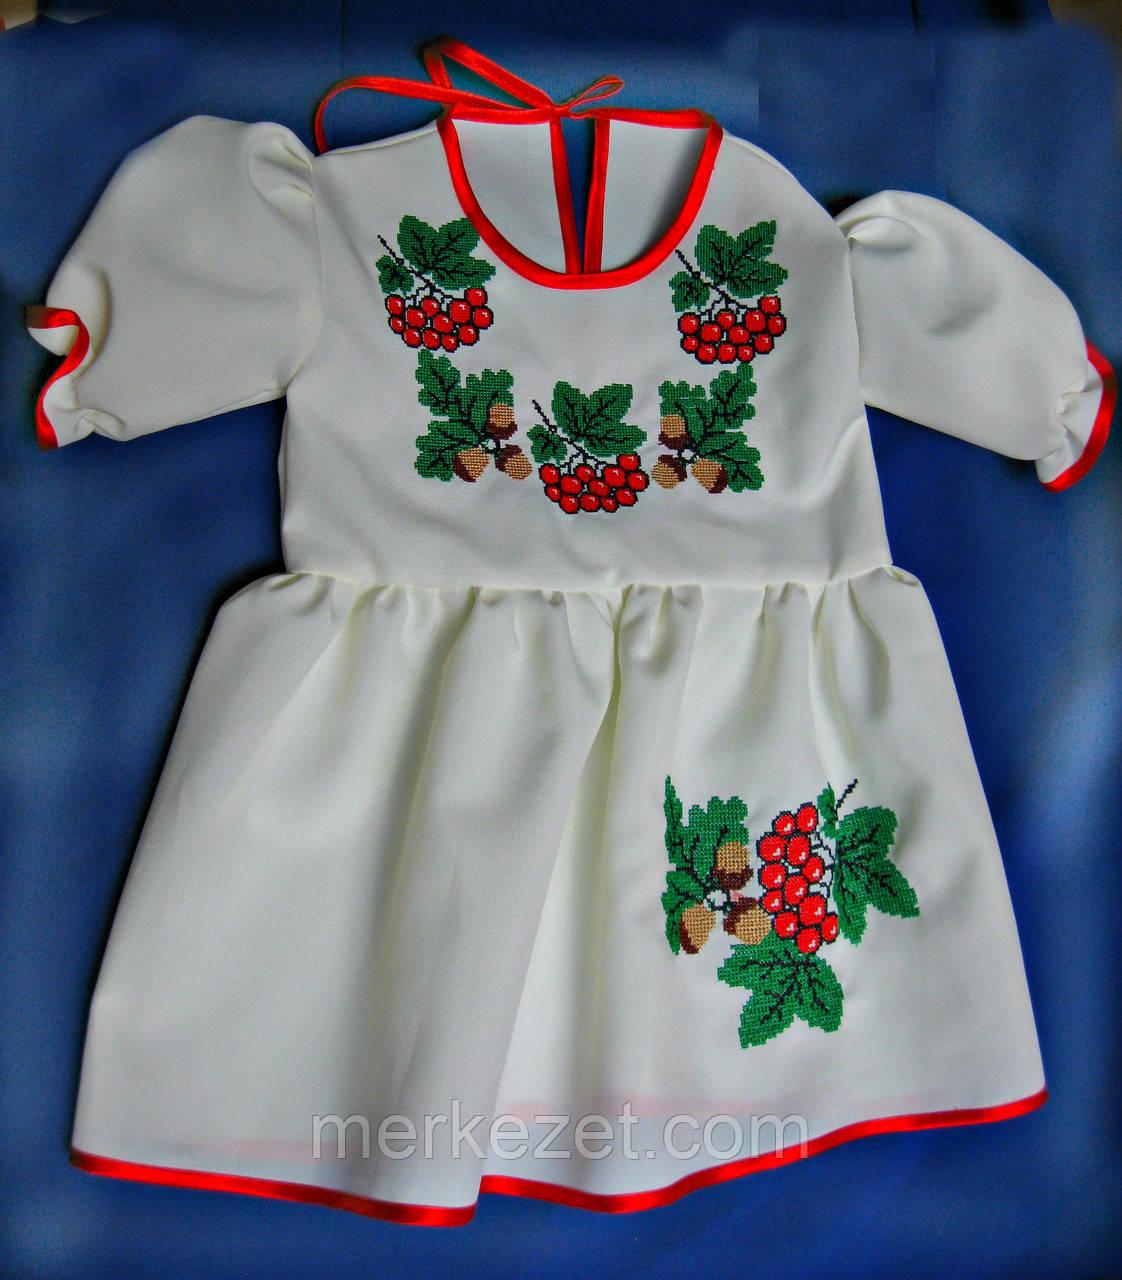 Детская одежда. вышивка